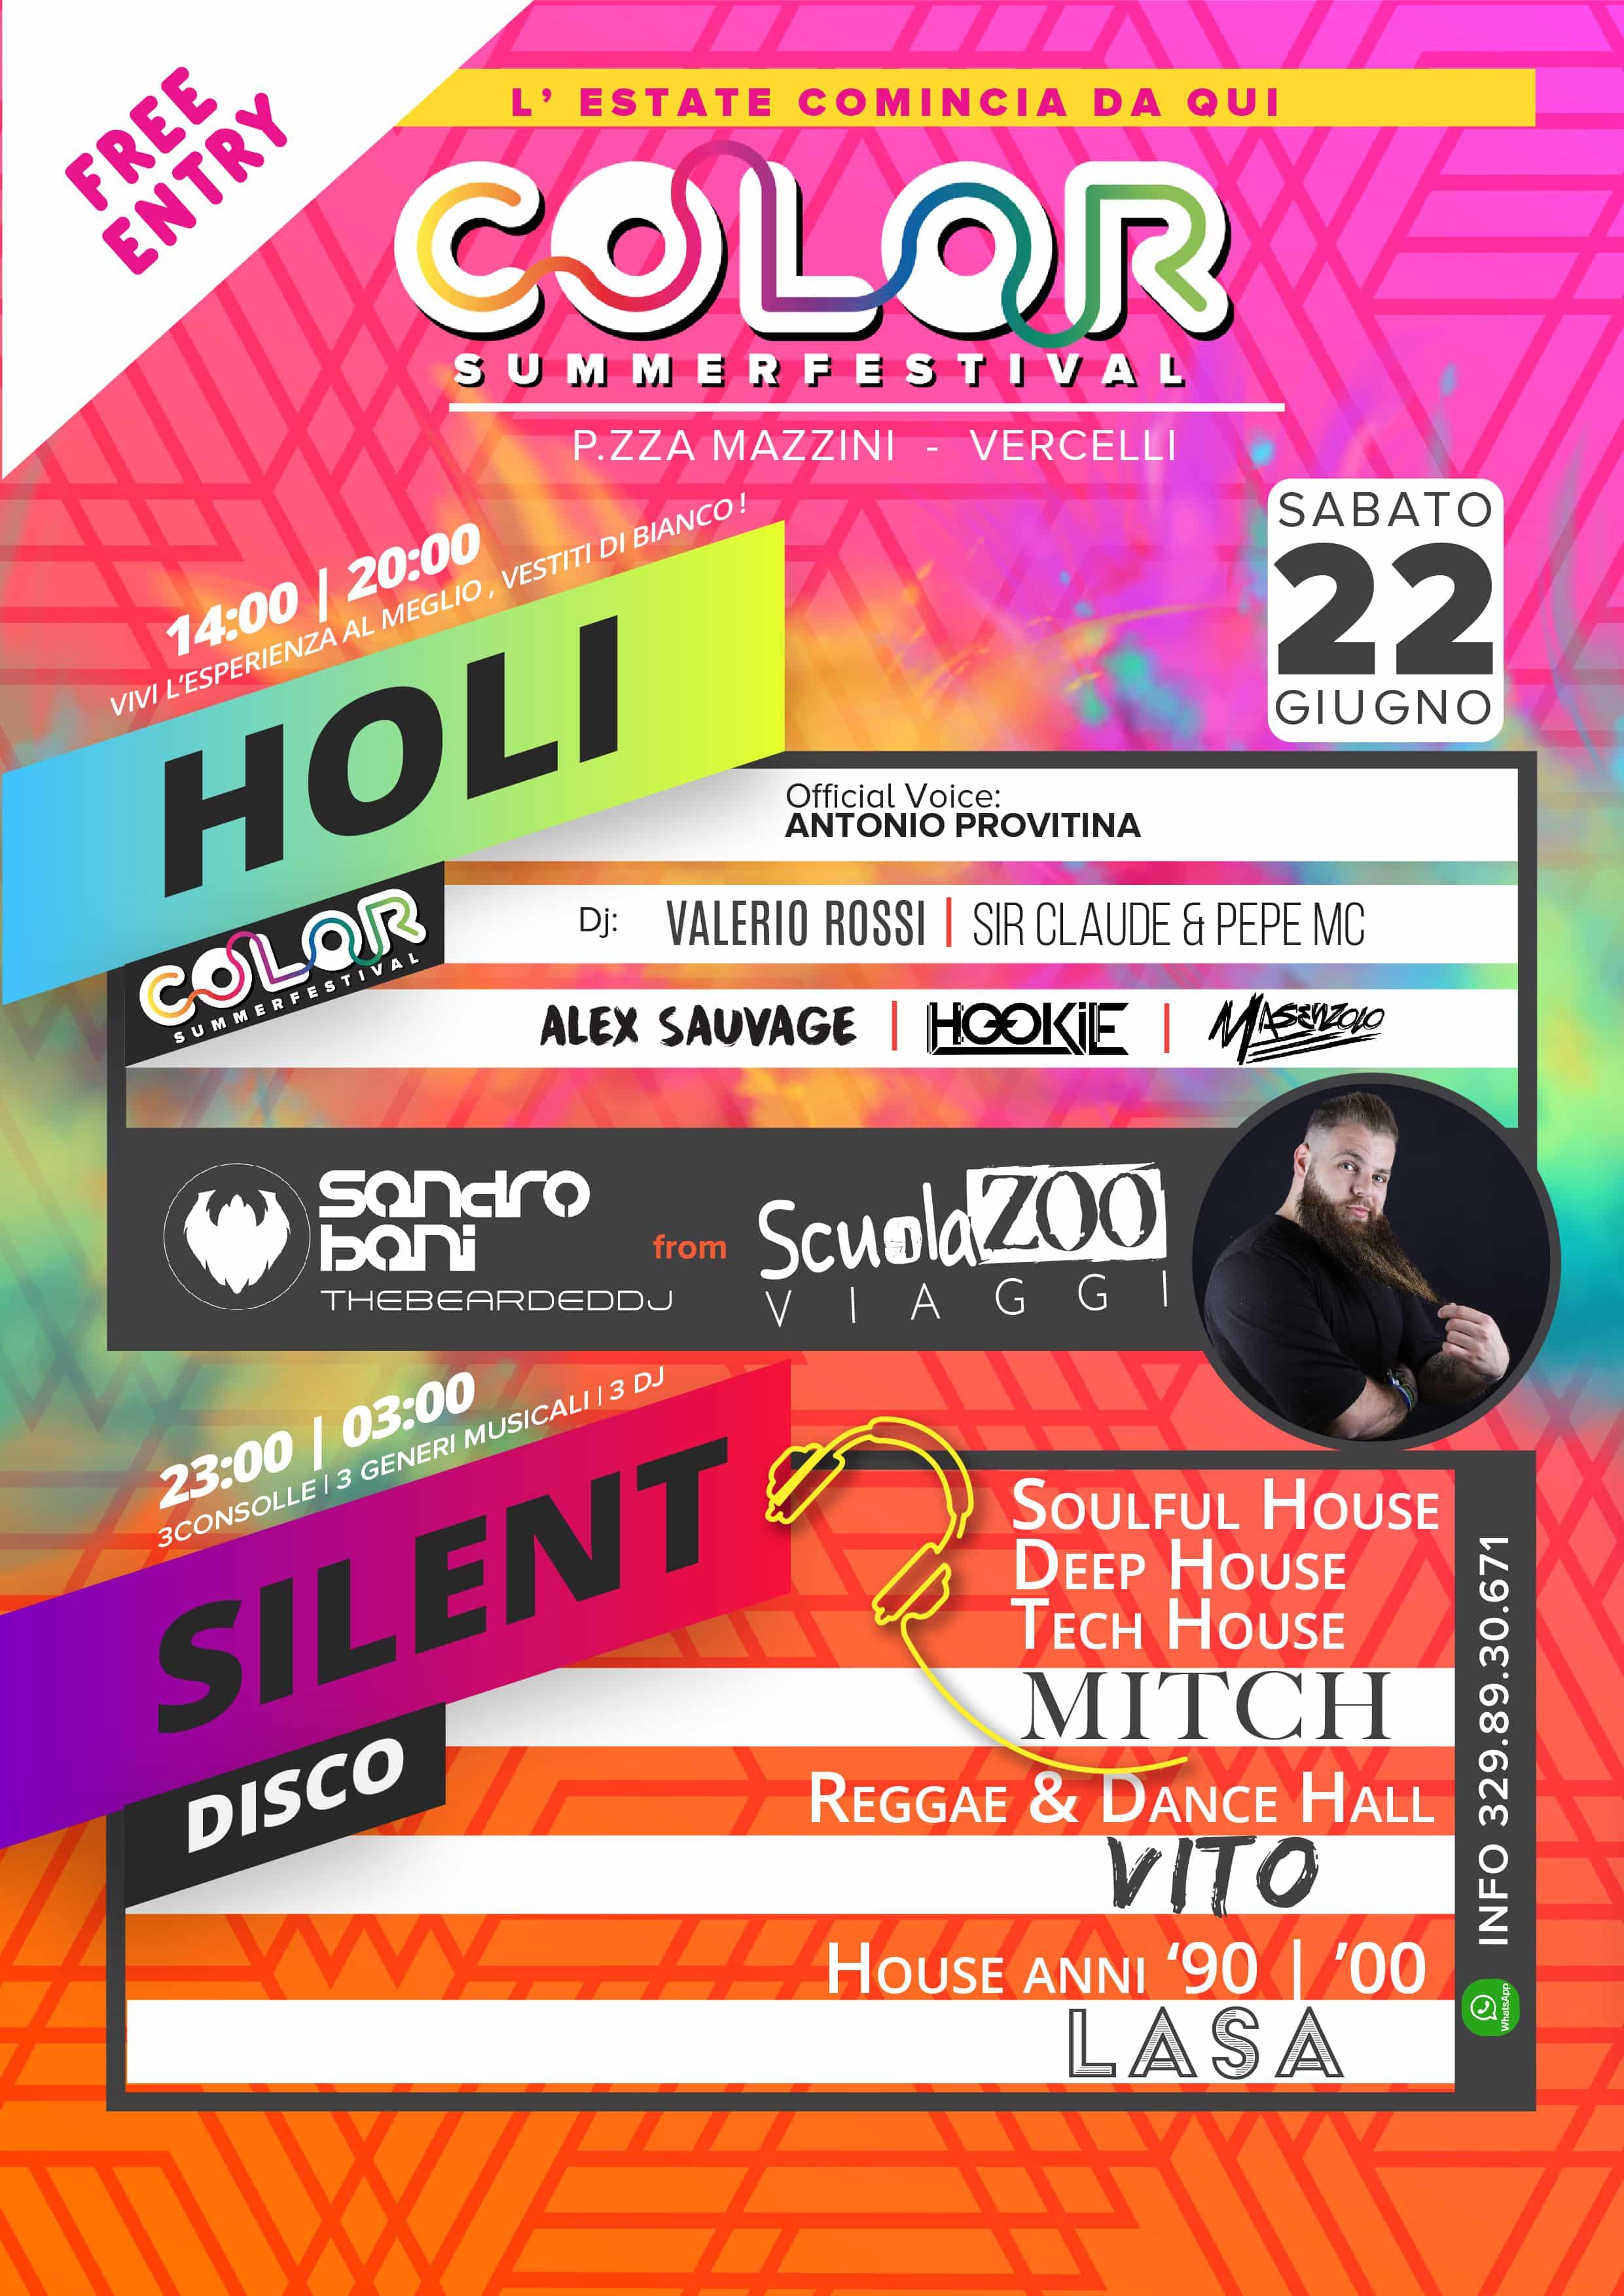 color-summer-festival-2019-vercelli-sandro-bani-volantino-front